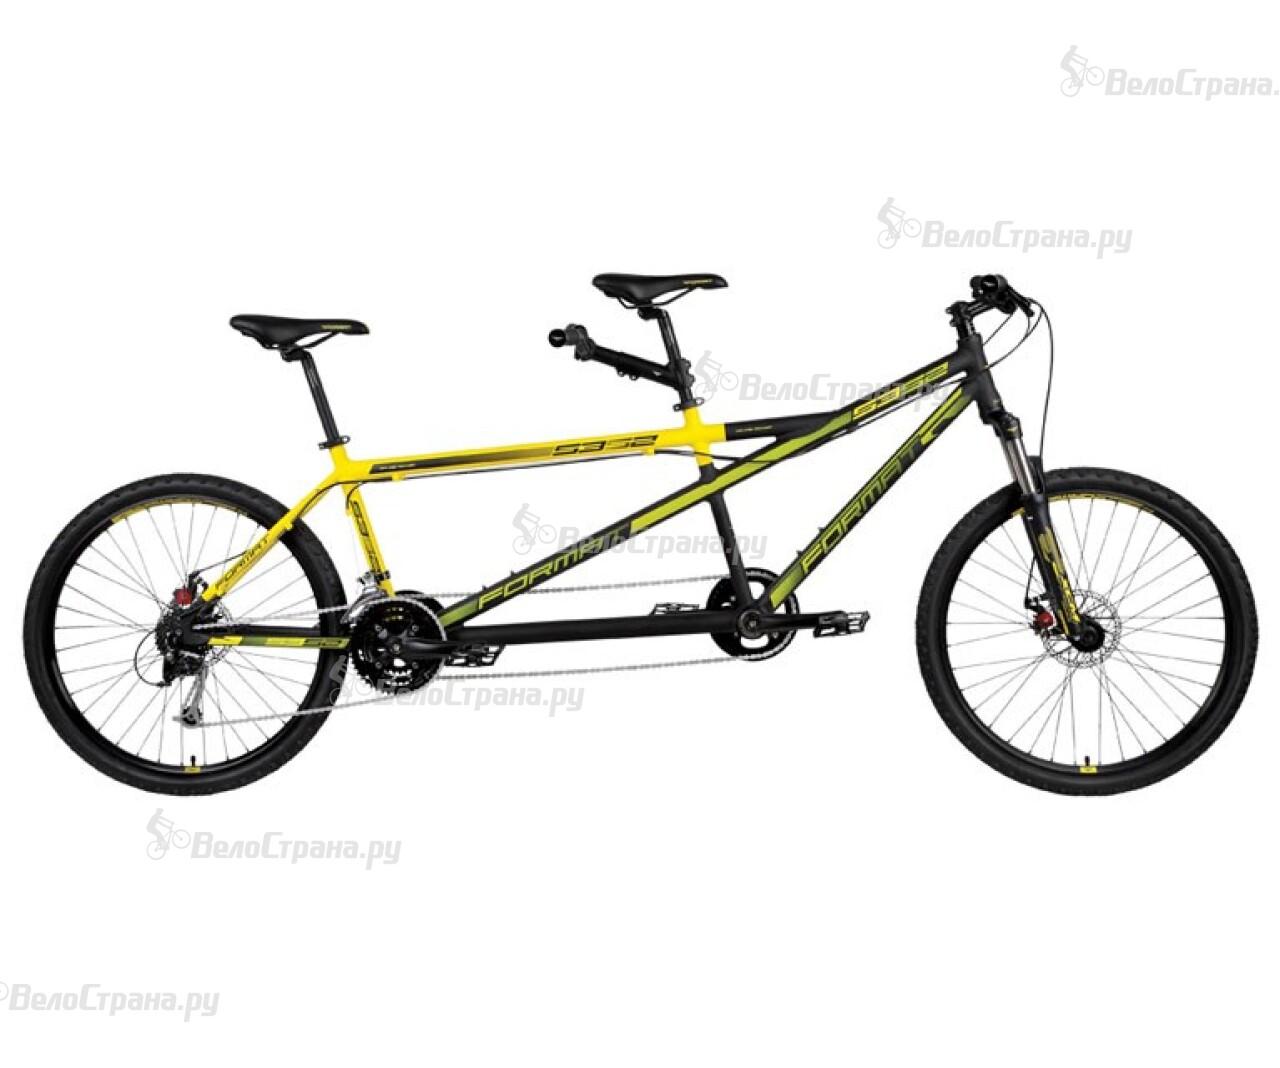 Велосипед Format 5352 (2014) велосипед format 1212 2014